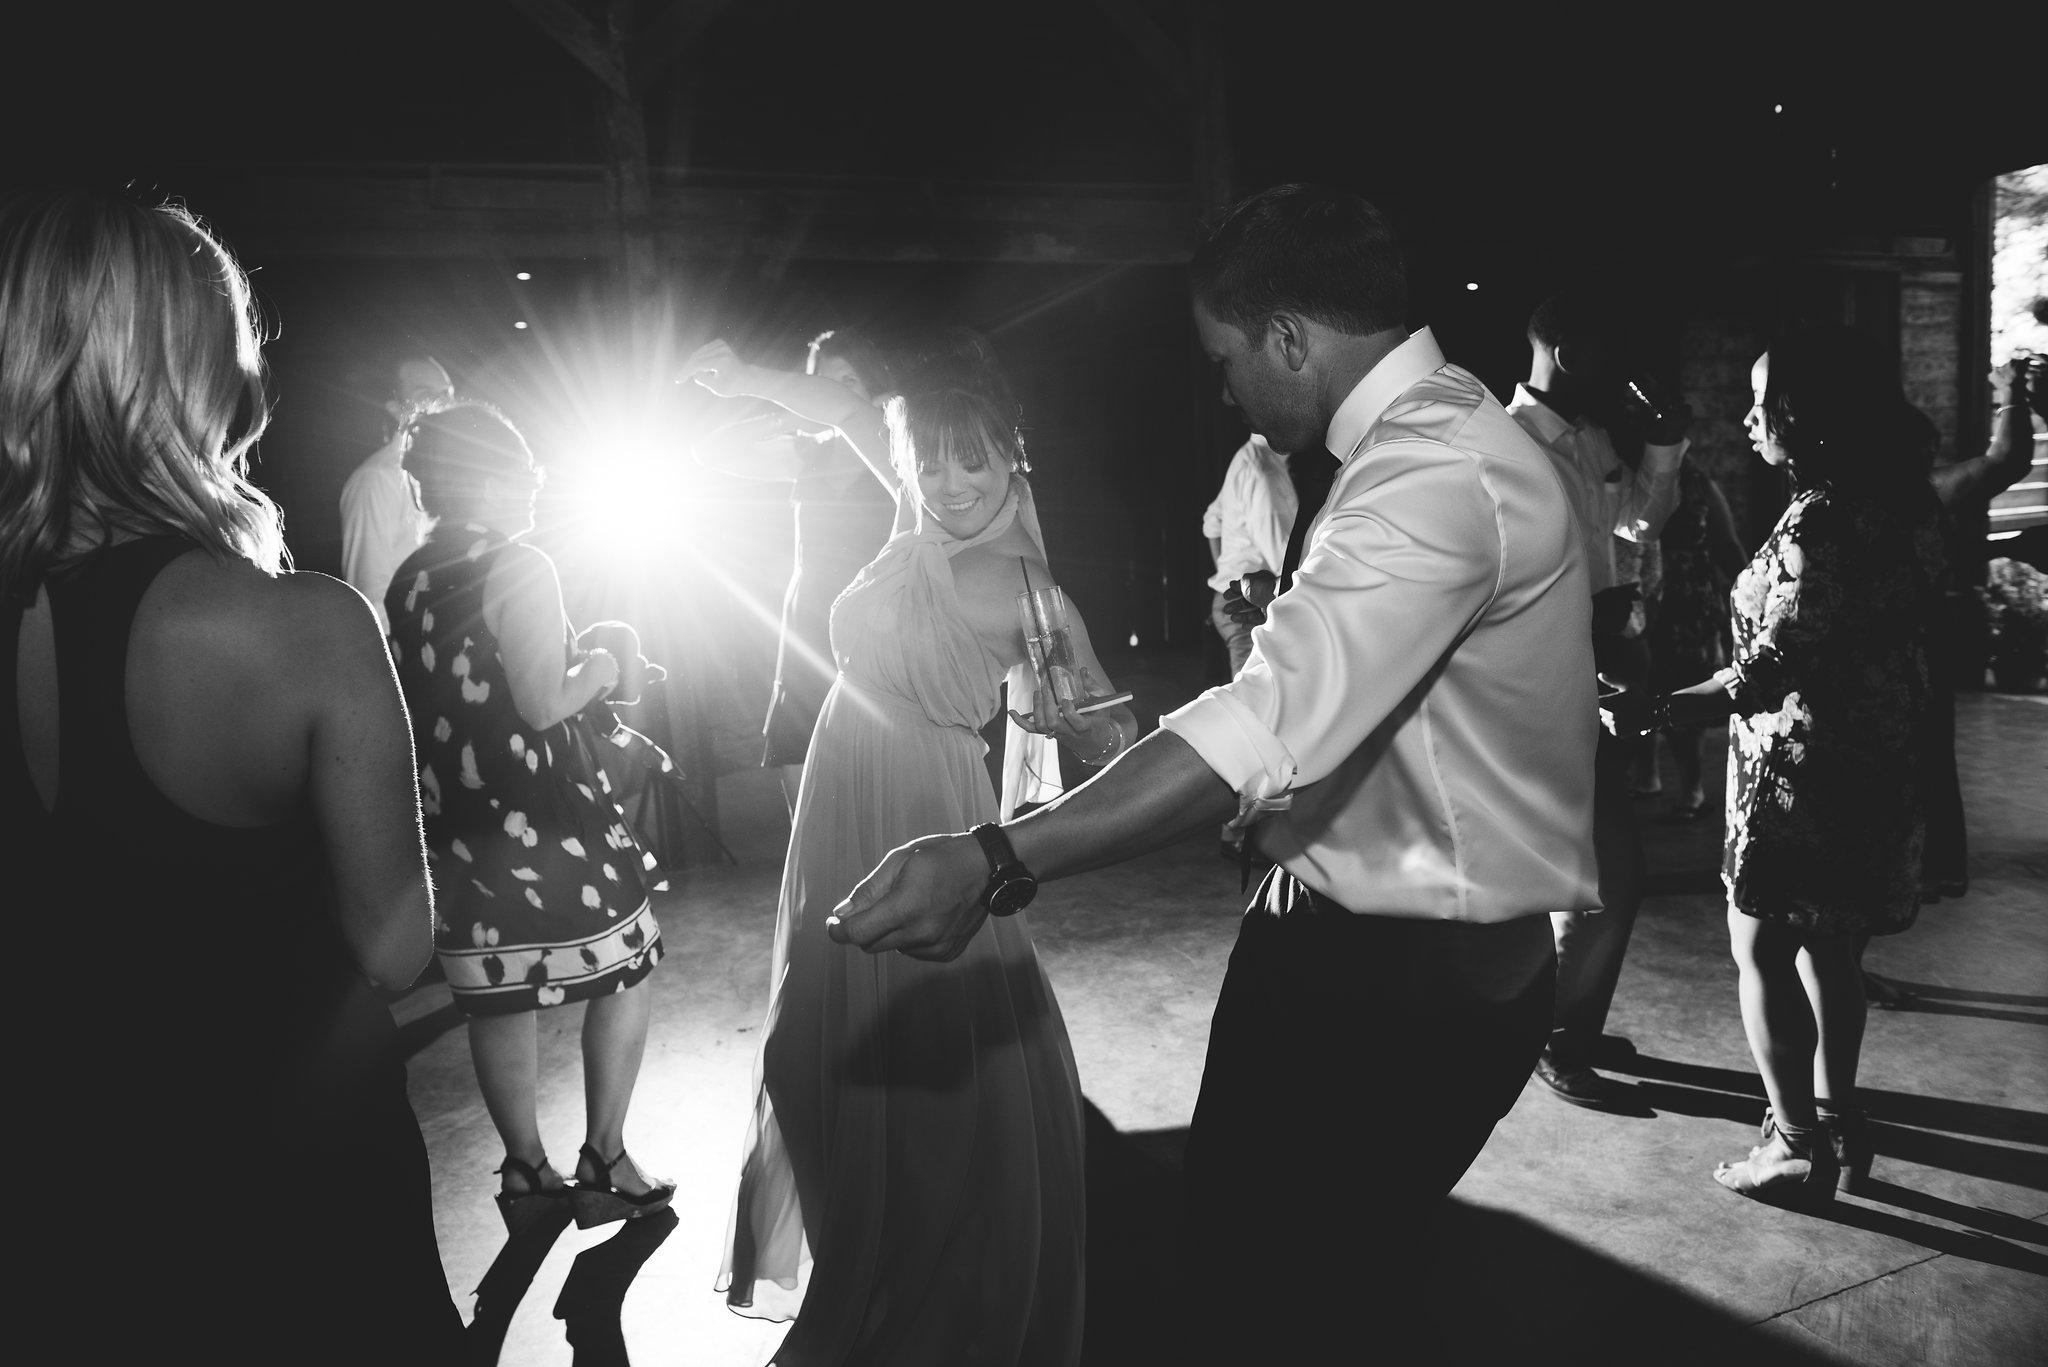 rus-farm-wedding-hwc-heald-wedding-consulting-hwc.jpg